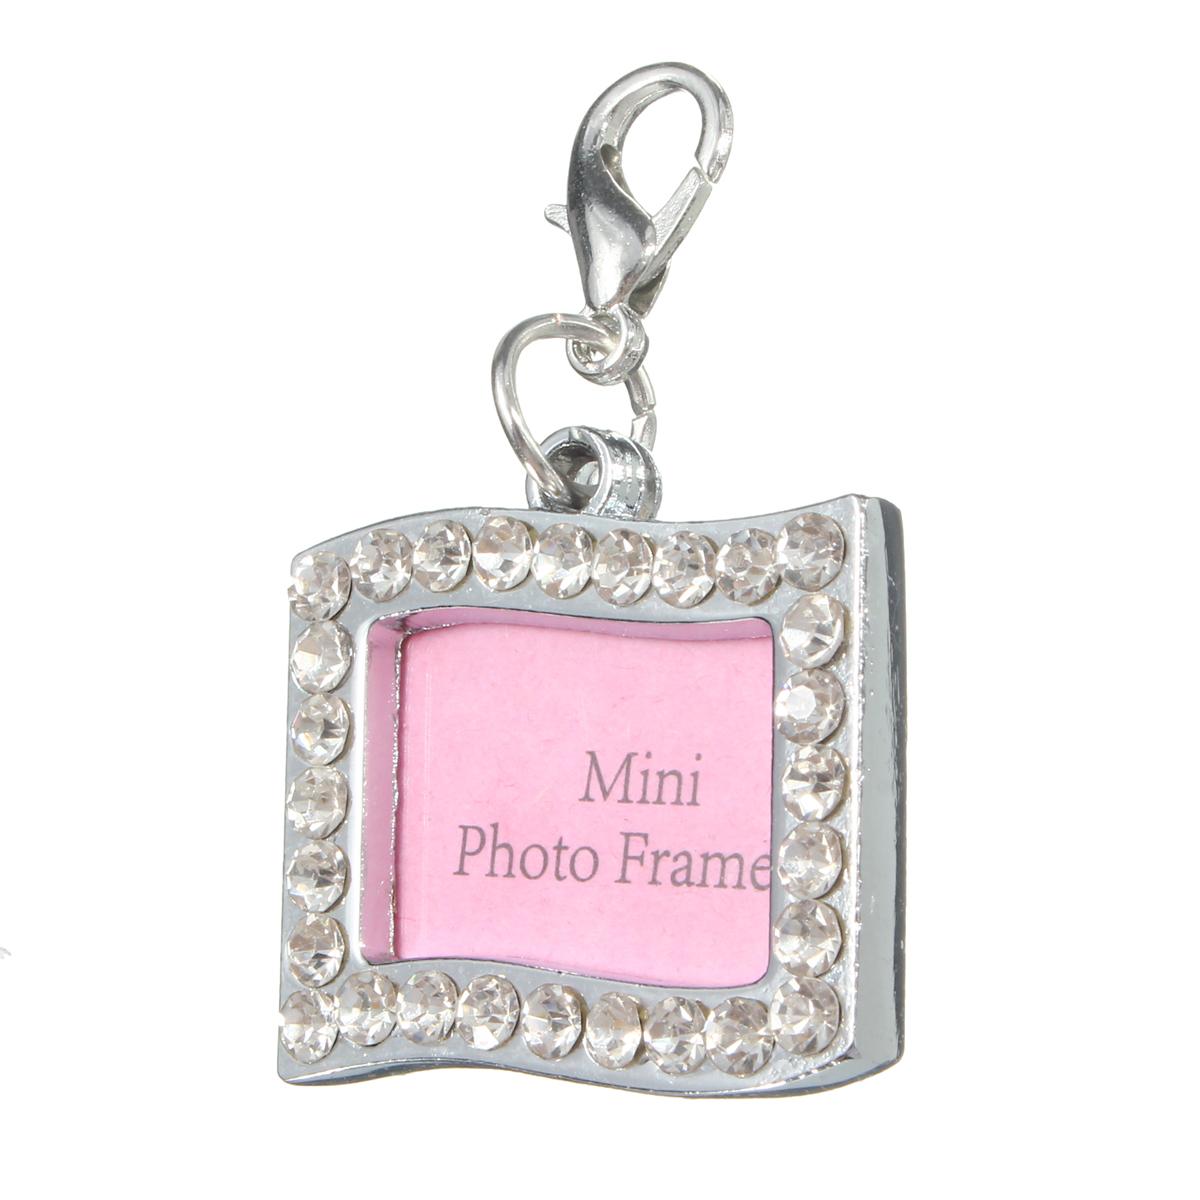 Chiens à vendre – Chats à vendre: TerrificPets.com  – Médaille pour collier